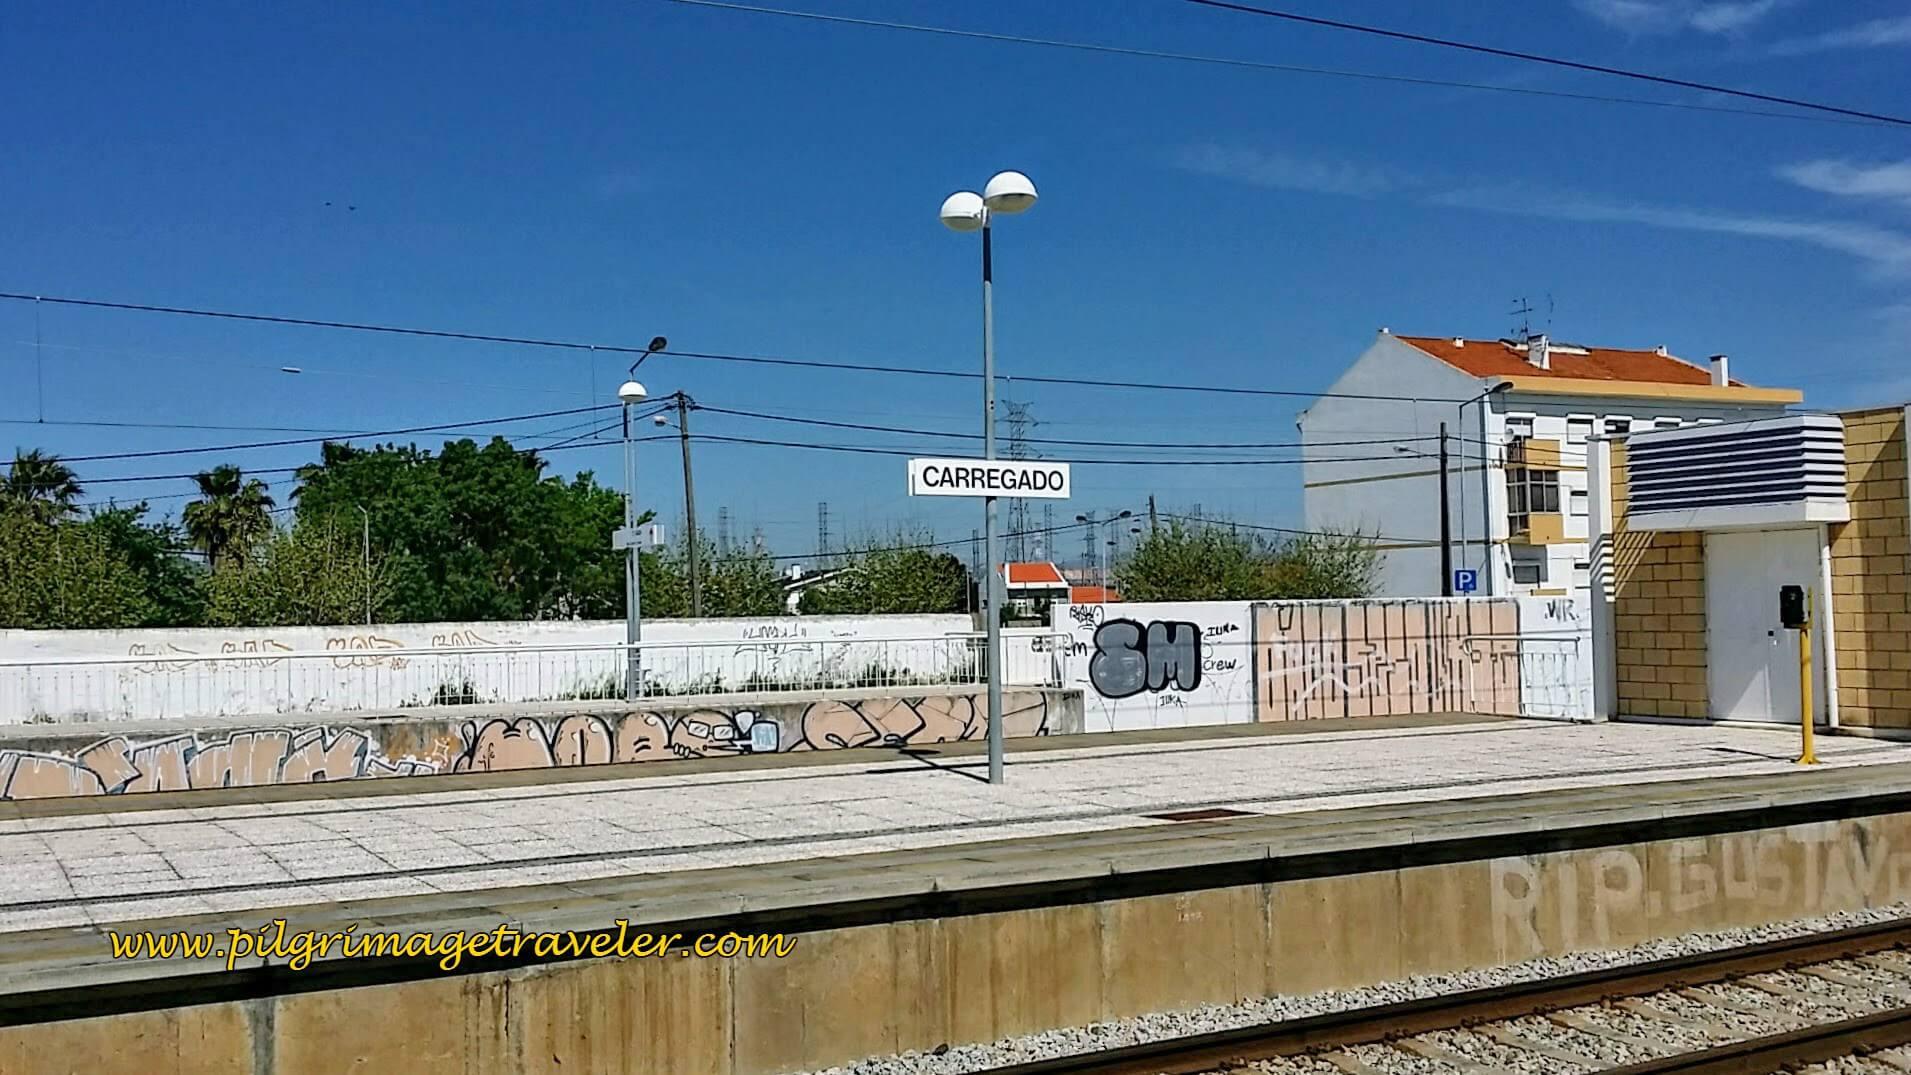 Carregado Train Tracks, Portugal